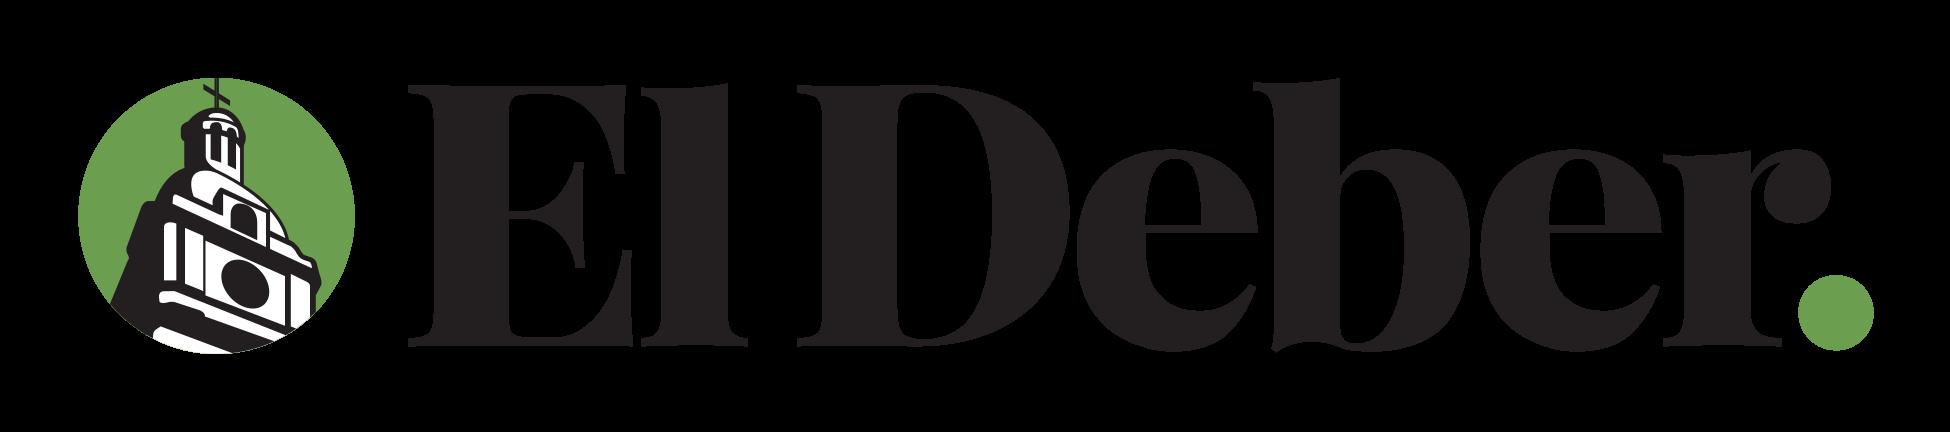 El Deber - Logo